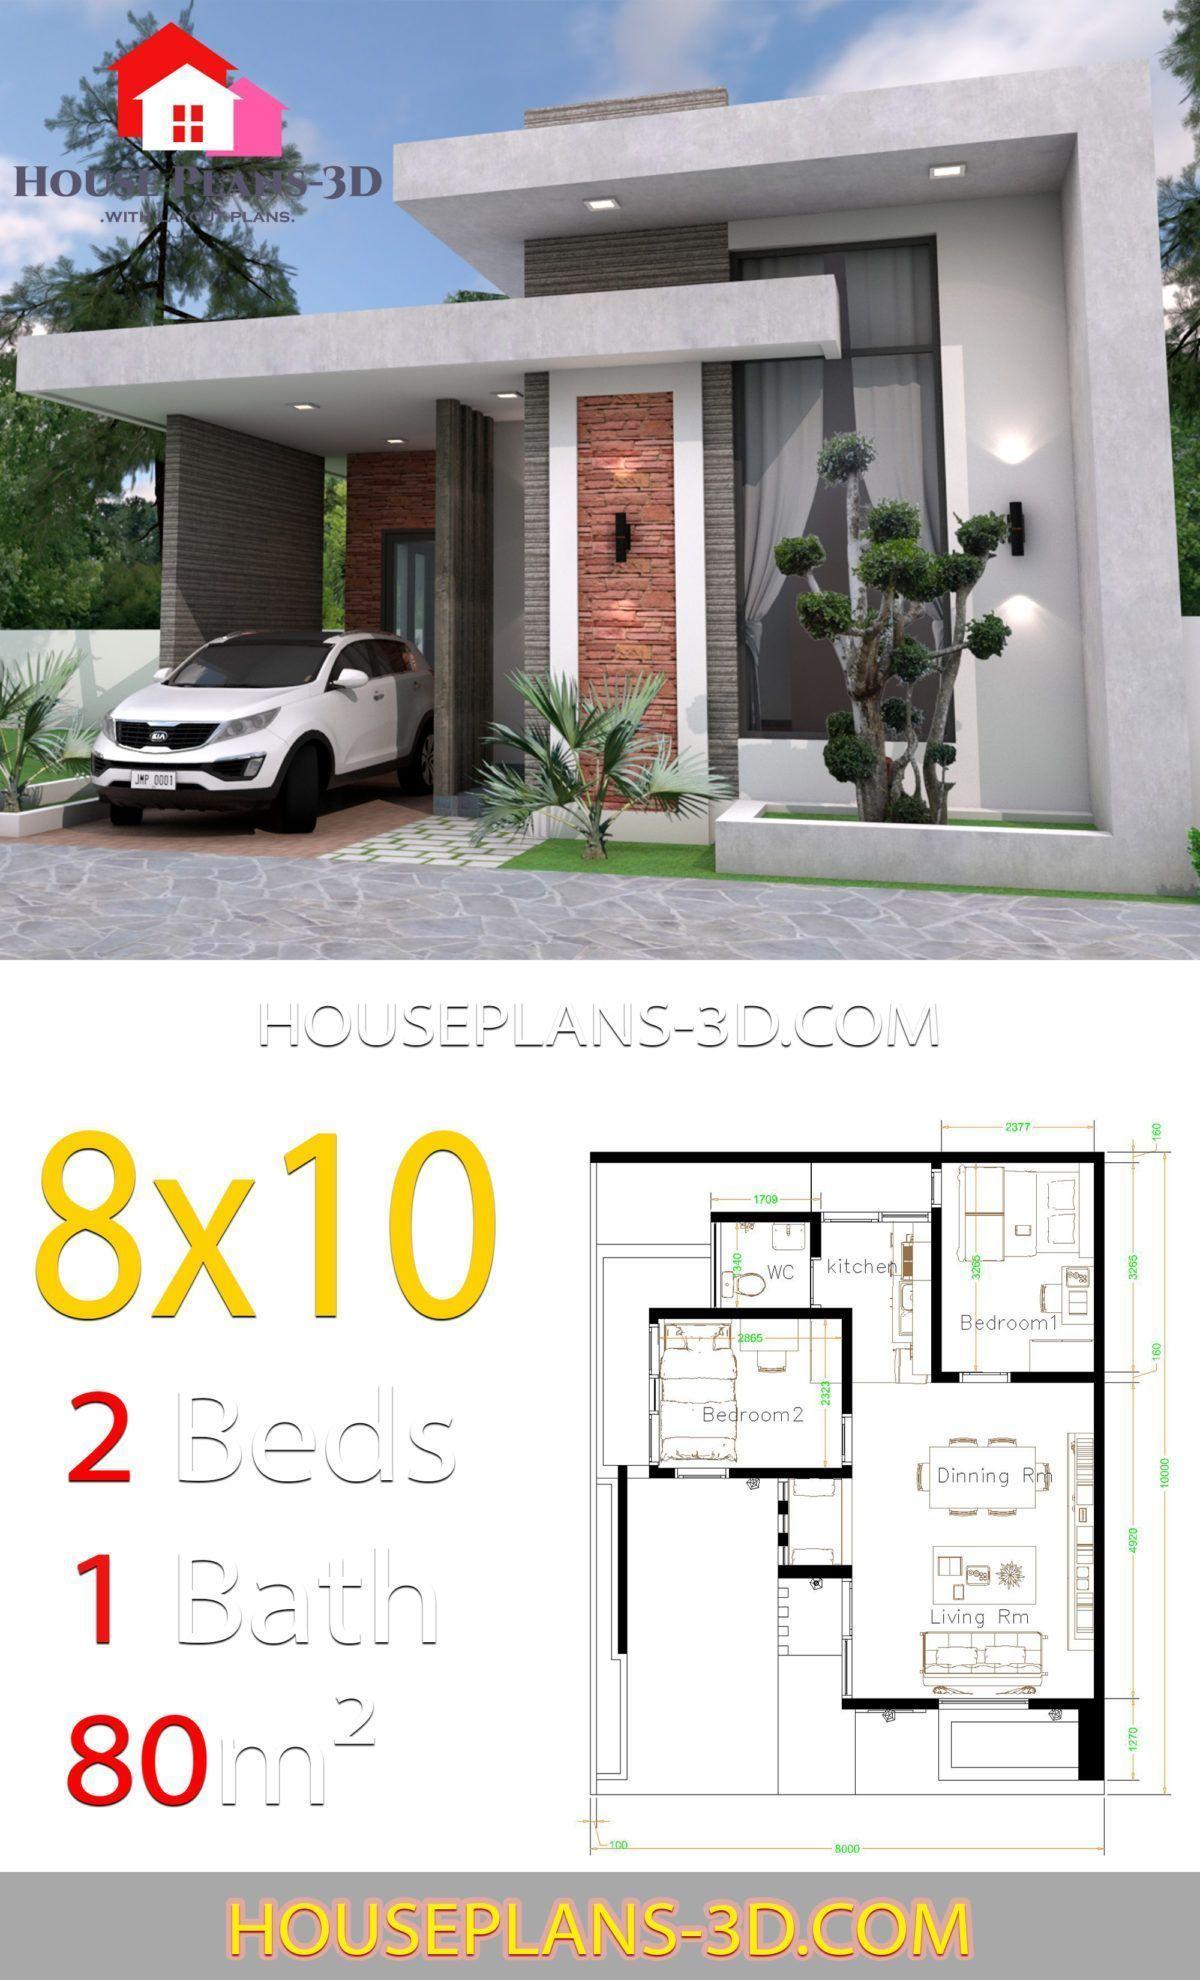 House Design Sketch House Design 8x10 With 2 Bedrooms Terrace Roof House Plan 8x10 Bedrooms Design Di 2020 Arsitektur Rumah Rumah Indah Kehidupan Rumah Mungil